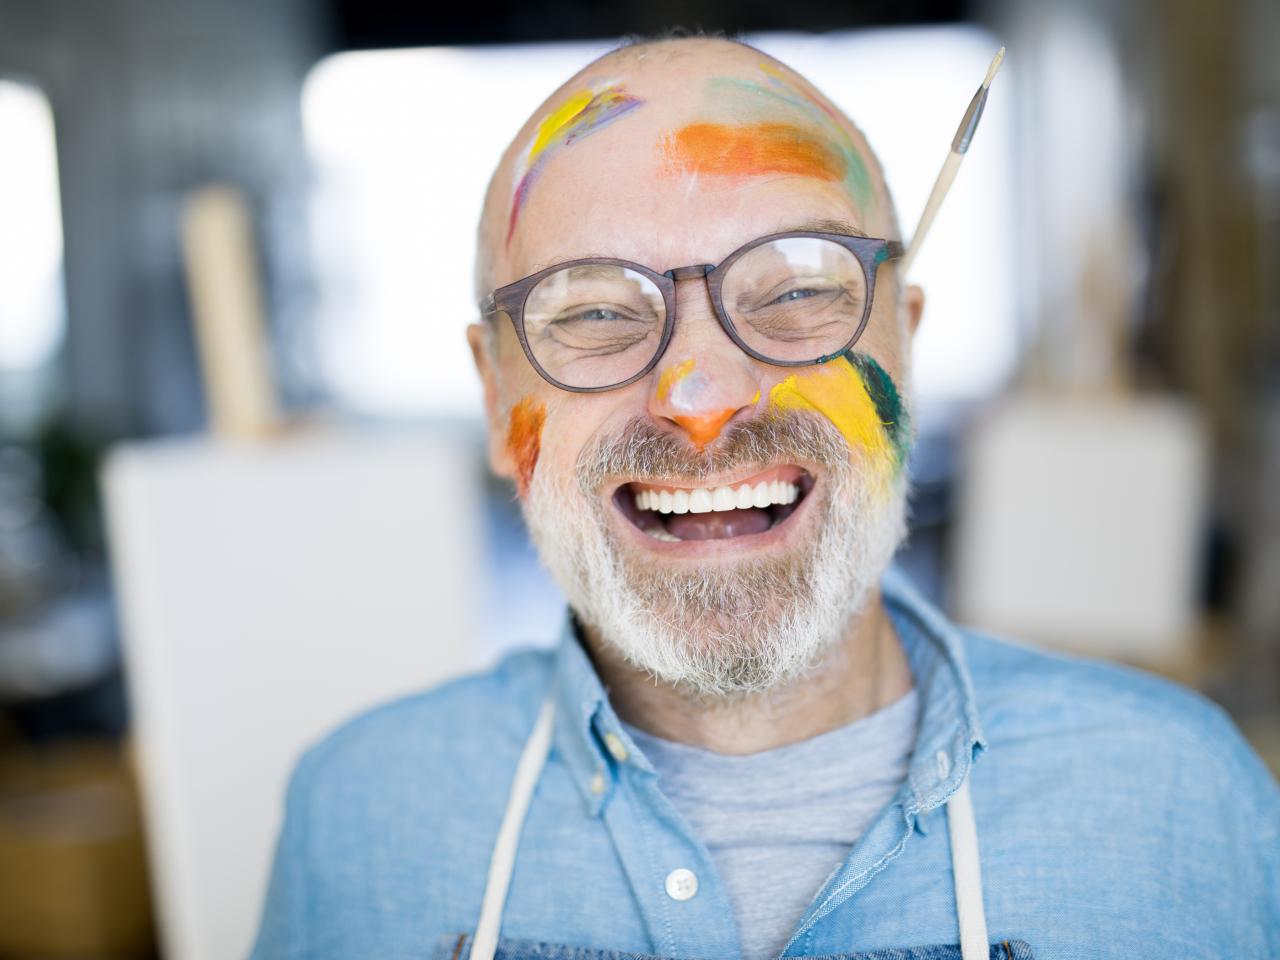 Lachender, älterer Mann mit Pinselstrichen im Gesicht